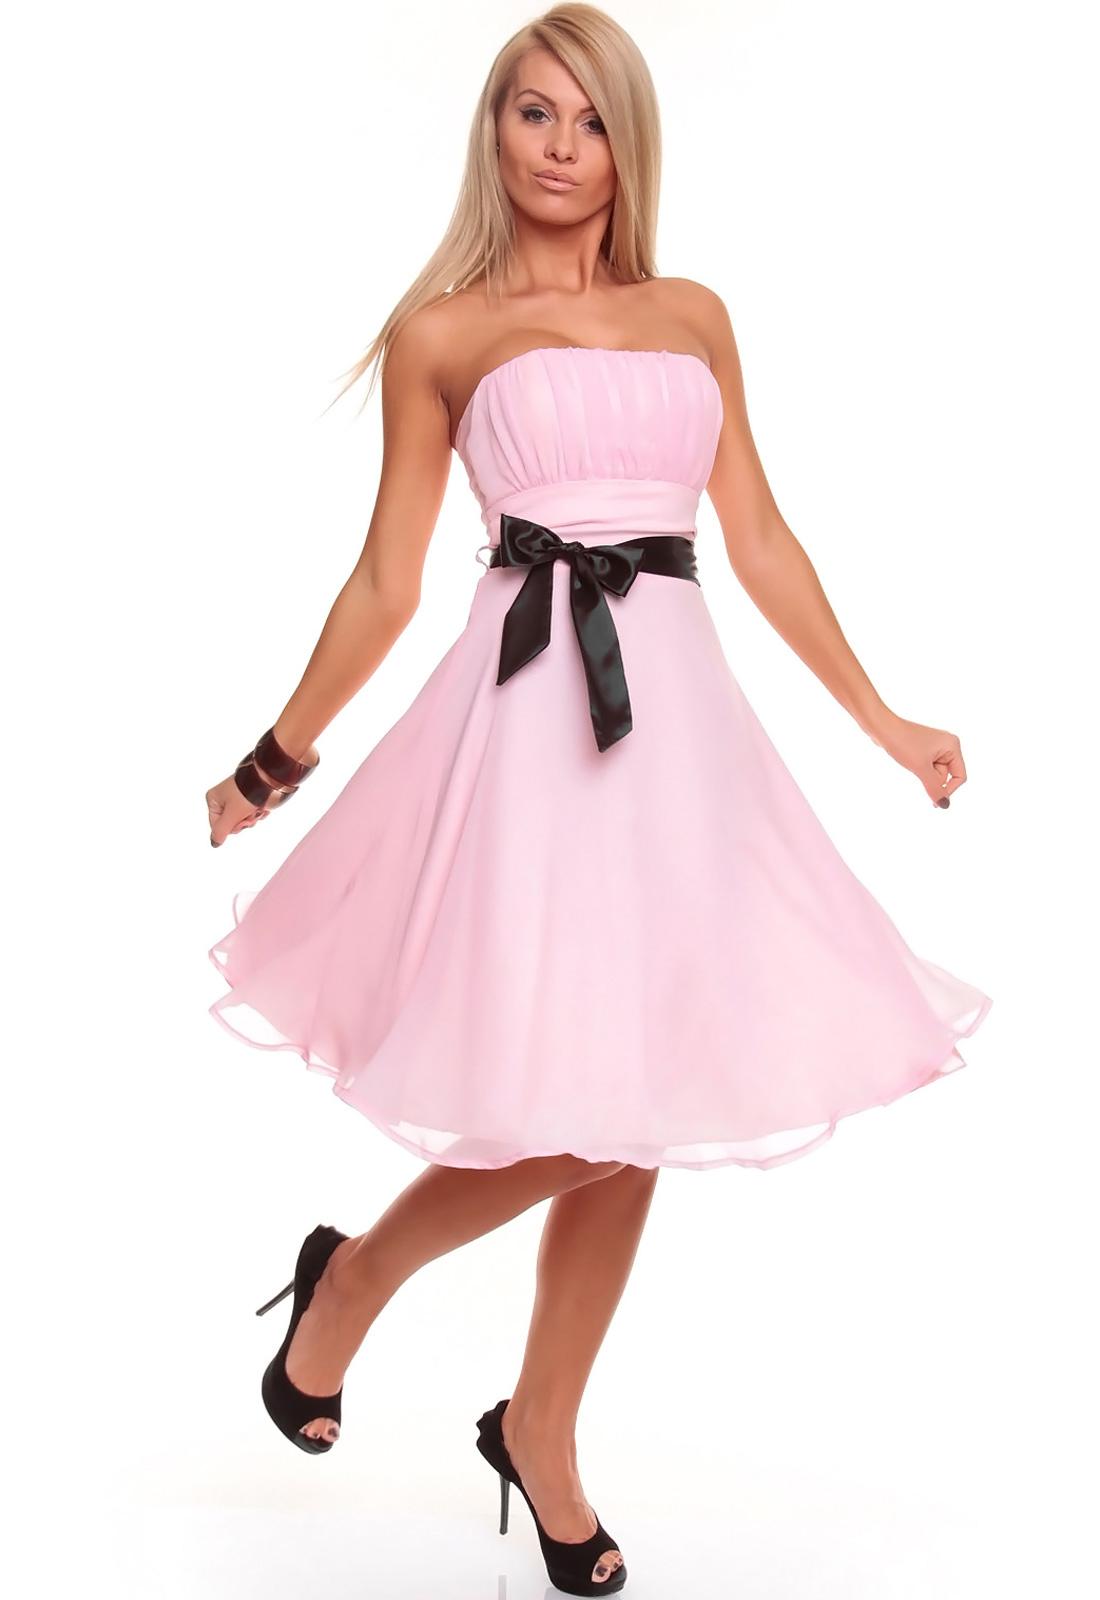 Ich habe eine Wette Verloren jetzt muss ich ein Kleid anziehen ...